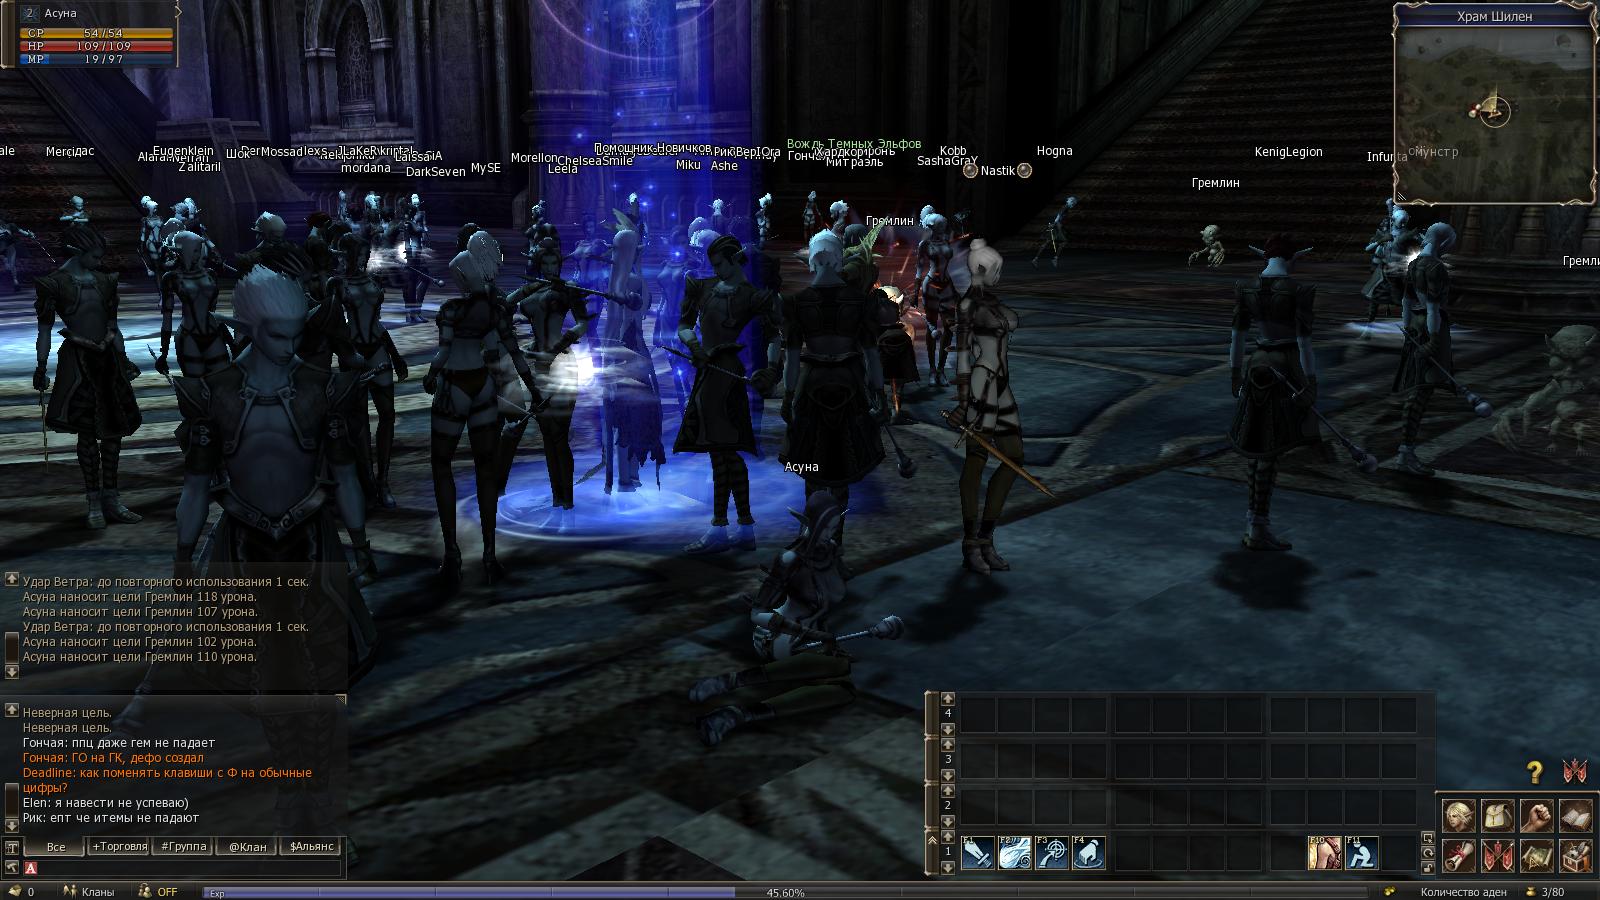 скриншот со старта сервера eva classic в деревне темных эльфов